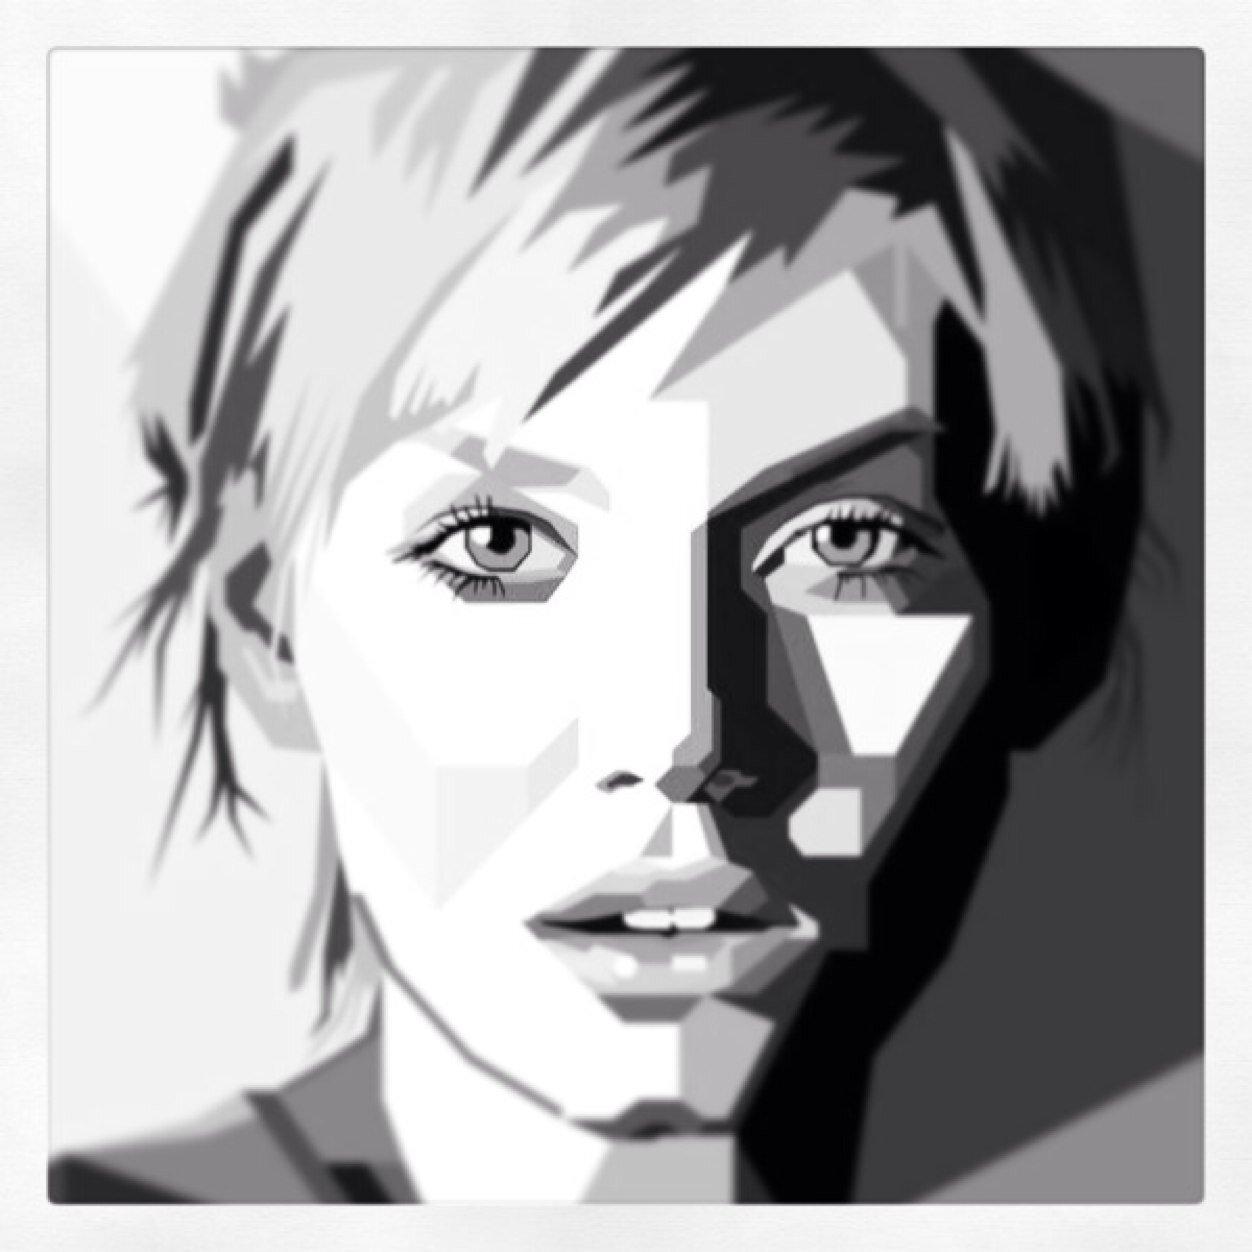 Себе подборочка!!!!!!! фотошоп поп арт портрет моему Вас